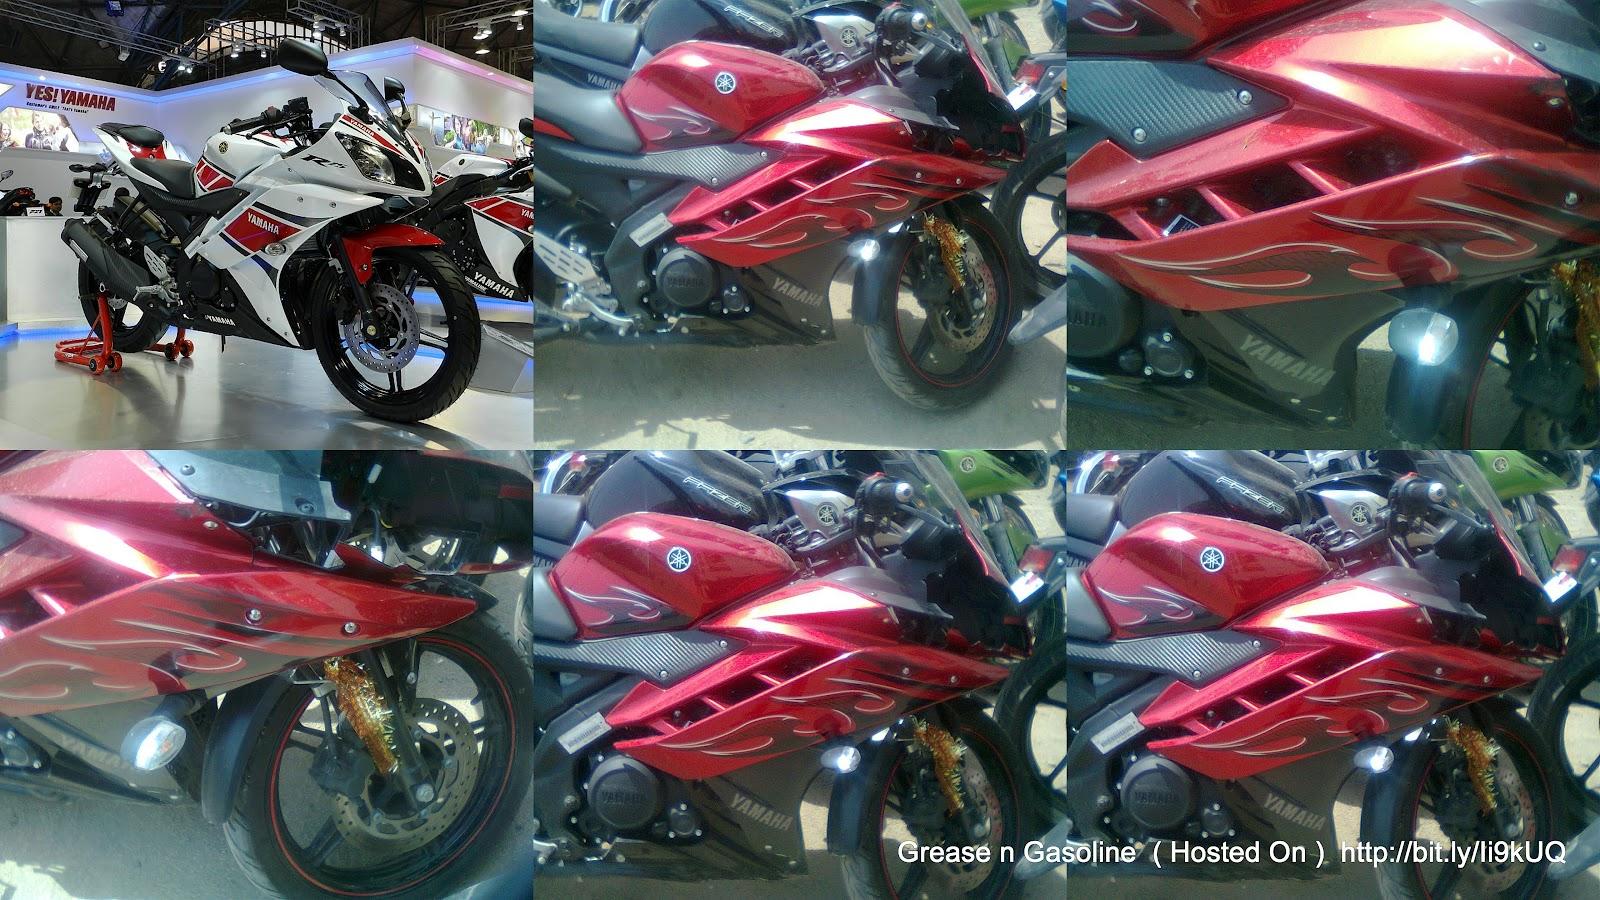 Yamaha R15 Price in India 2012 2012 Yamaha R15 V2.0 Yamaha's